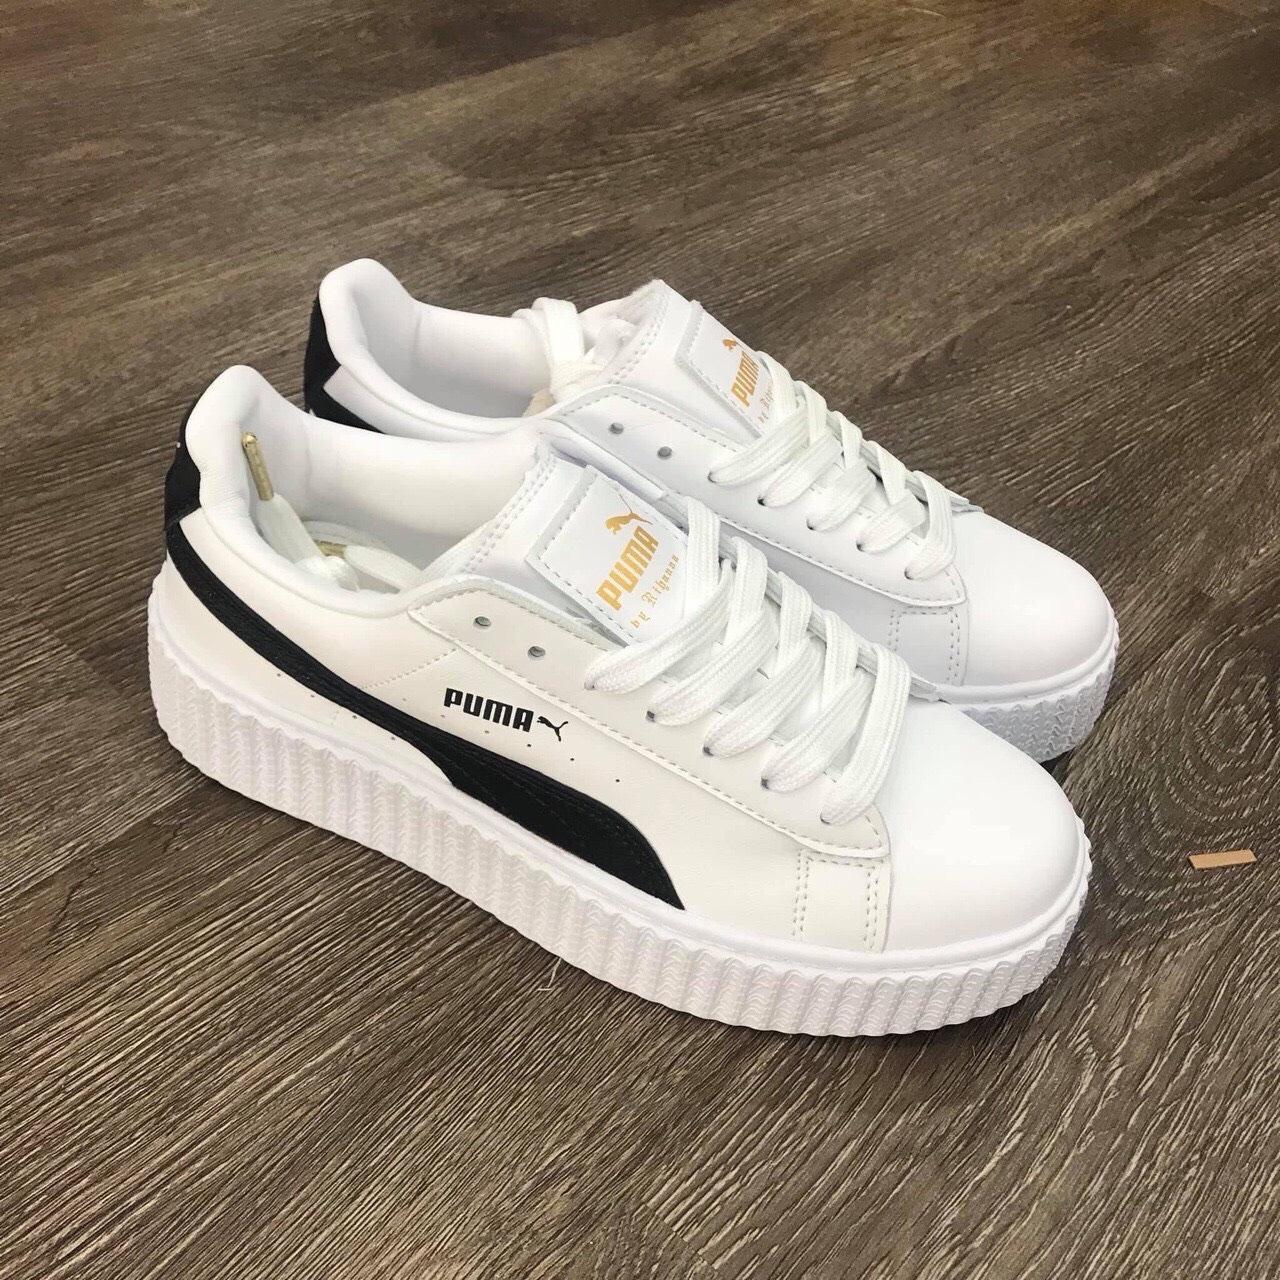 Giày Puma trắng đen